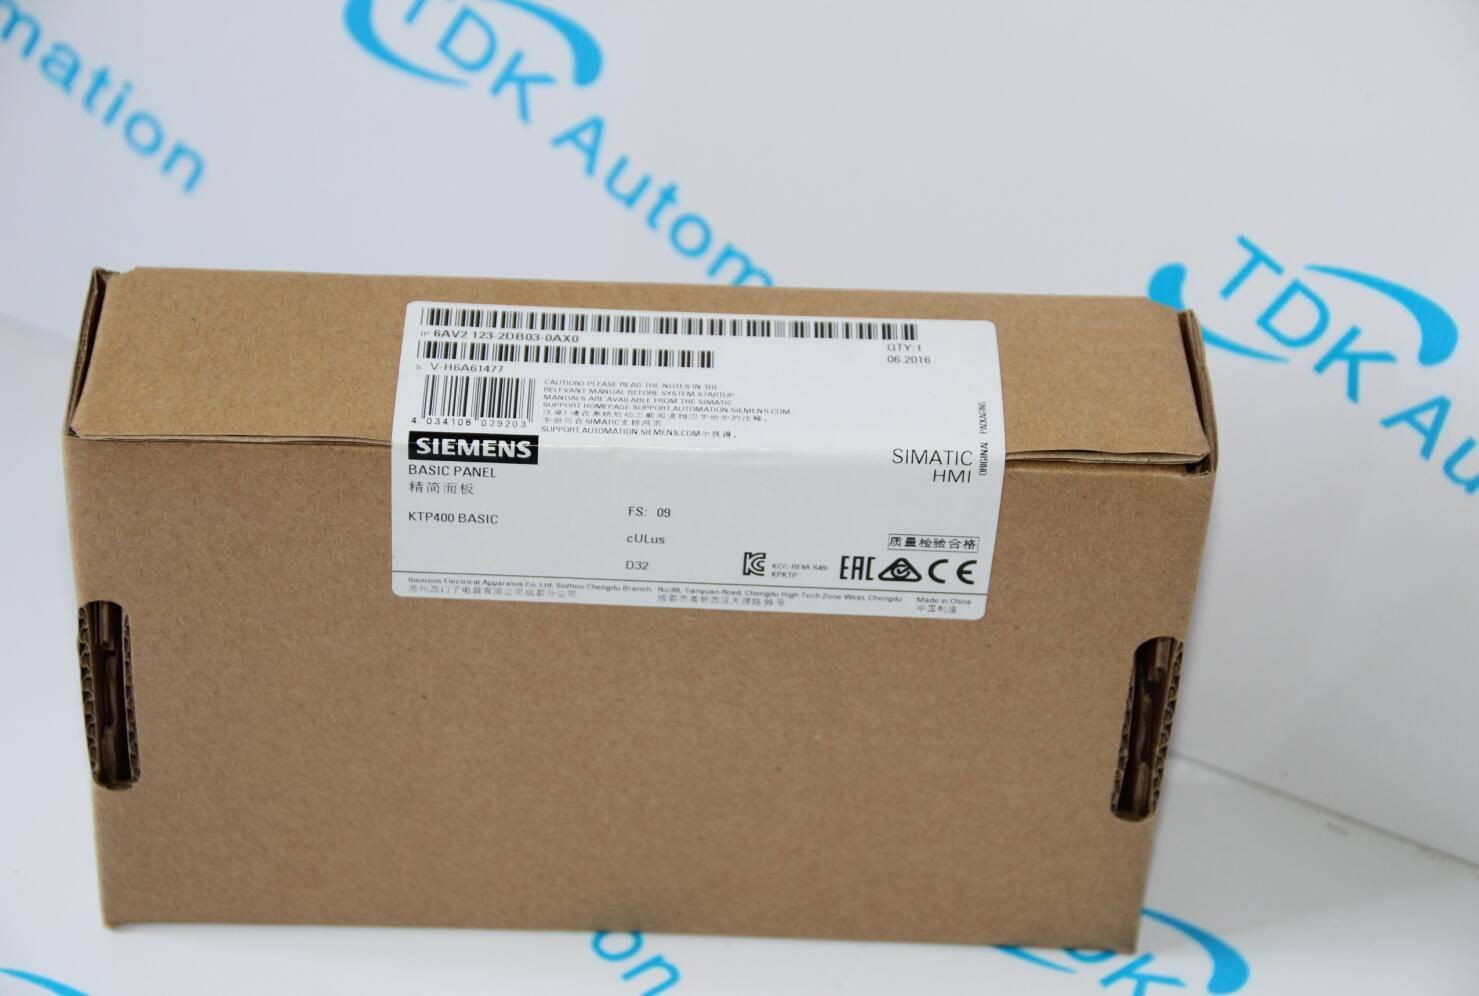 SIMATIC HMI 6AV21232DB030AX0